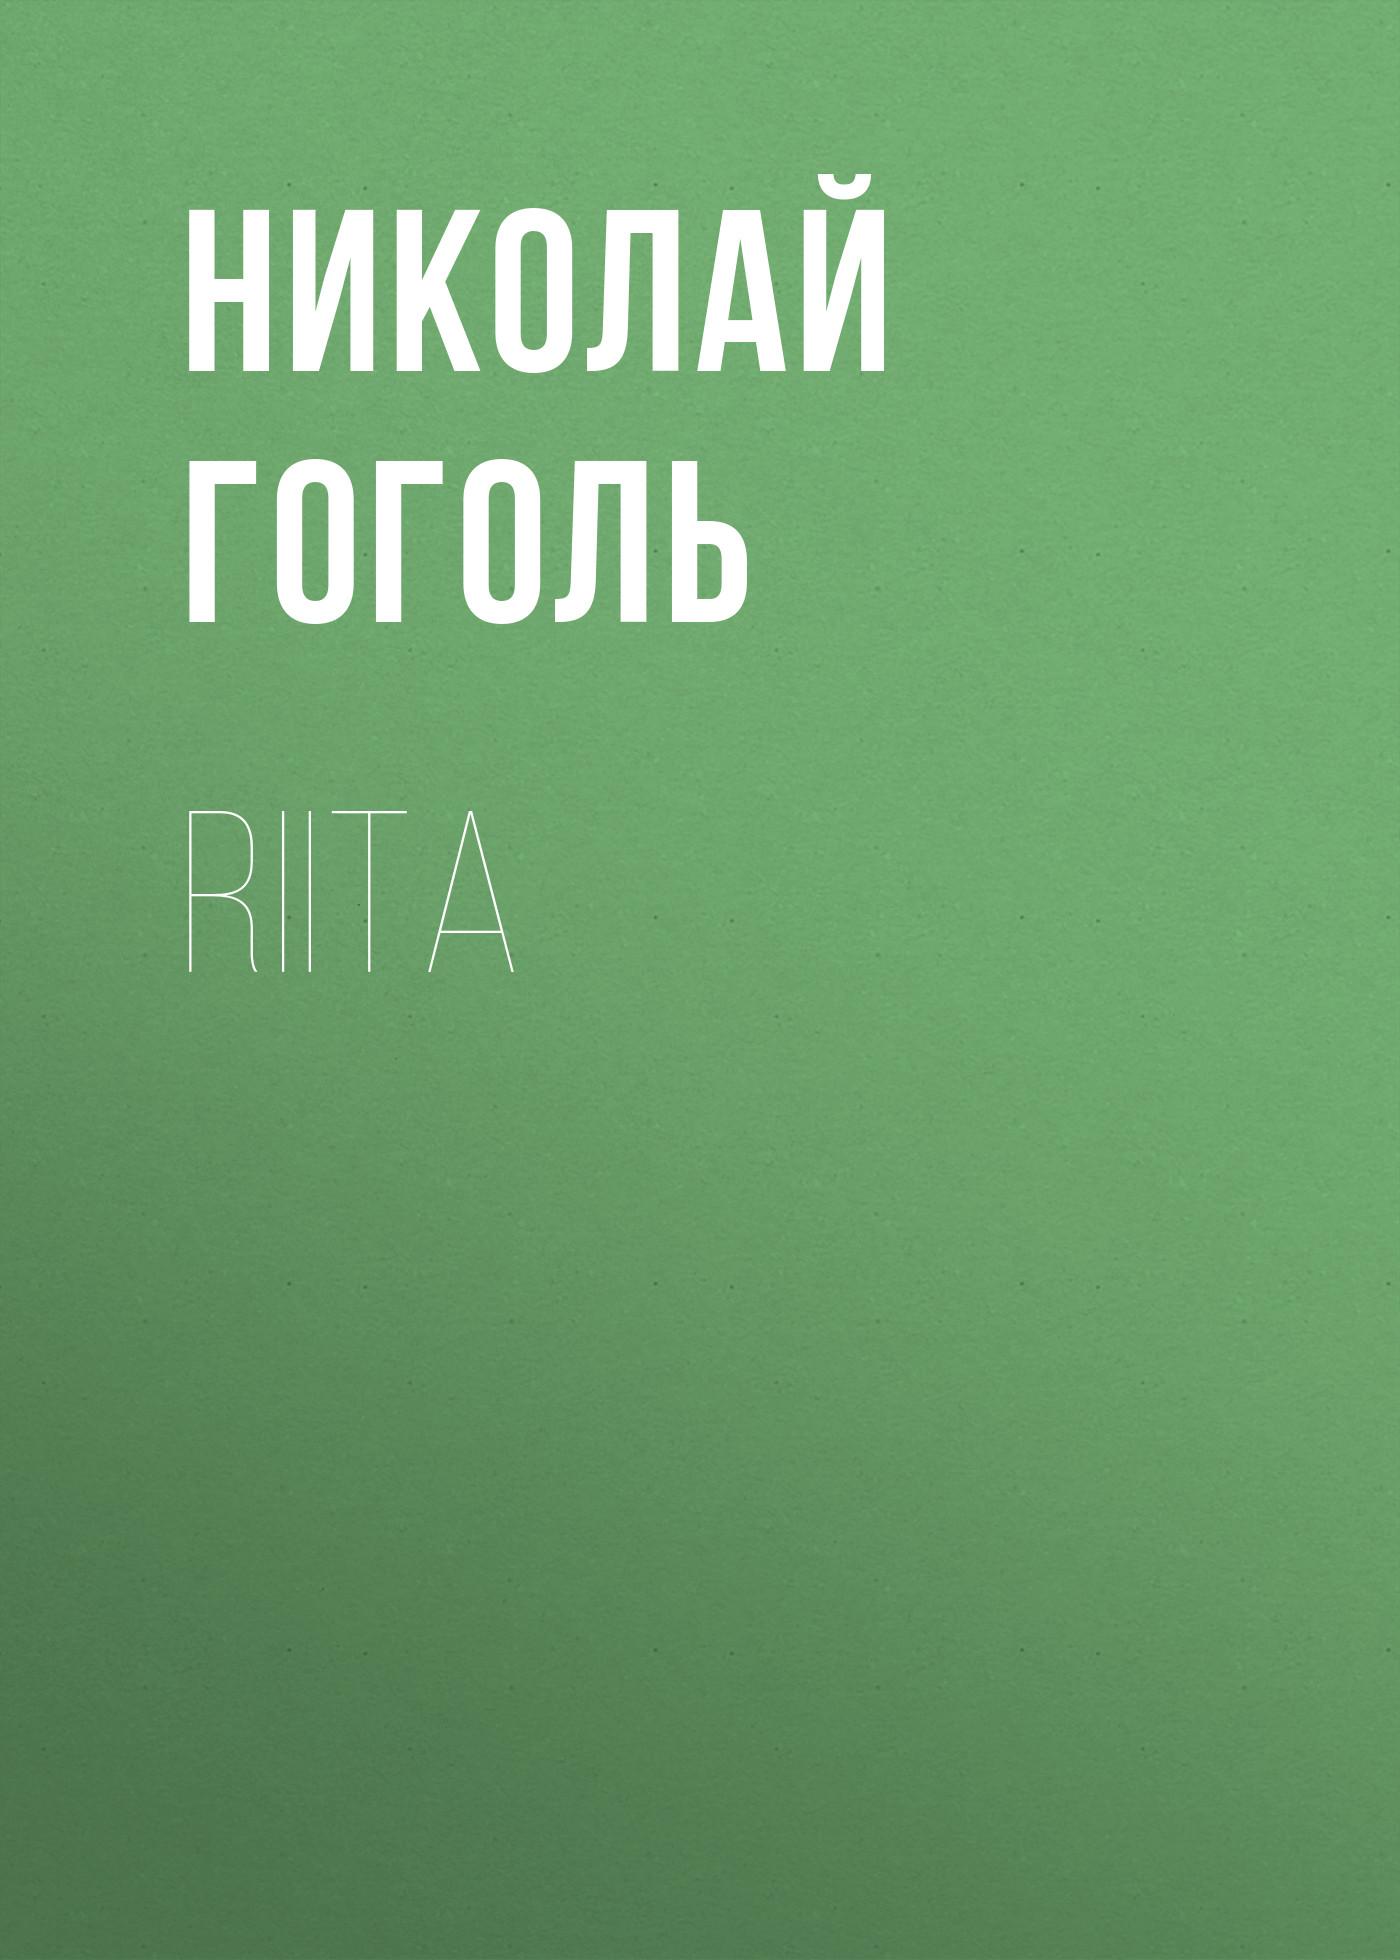 Николай Гоголь Riita блокнот printio николай гоголь портрет работы фёдора моллера